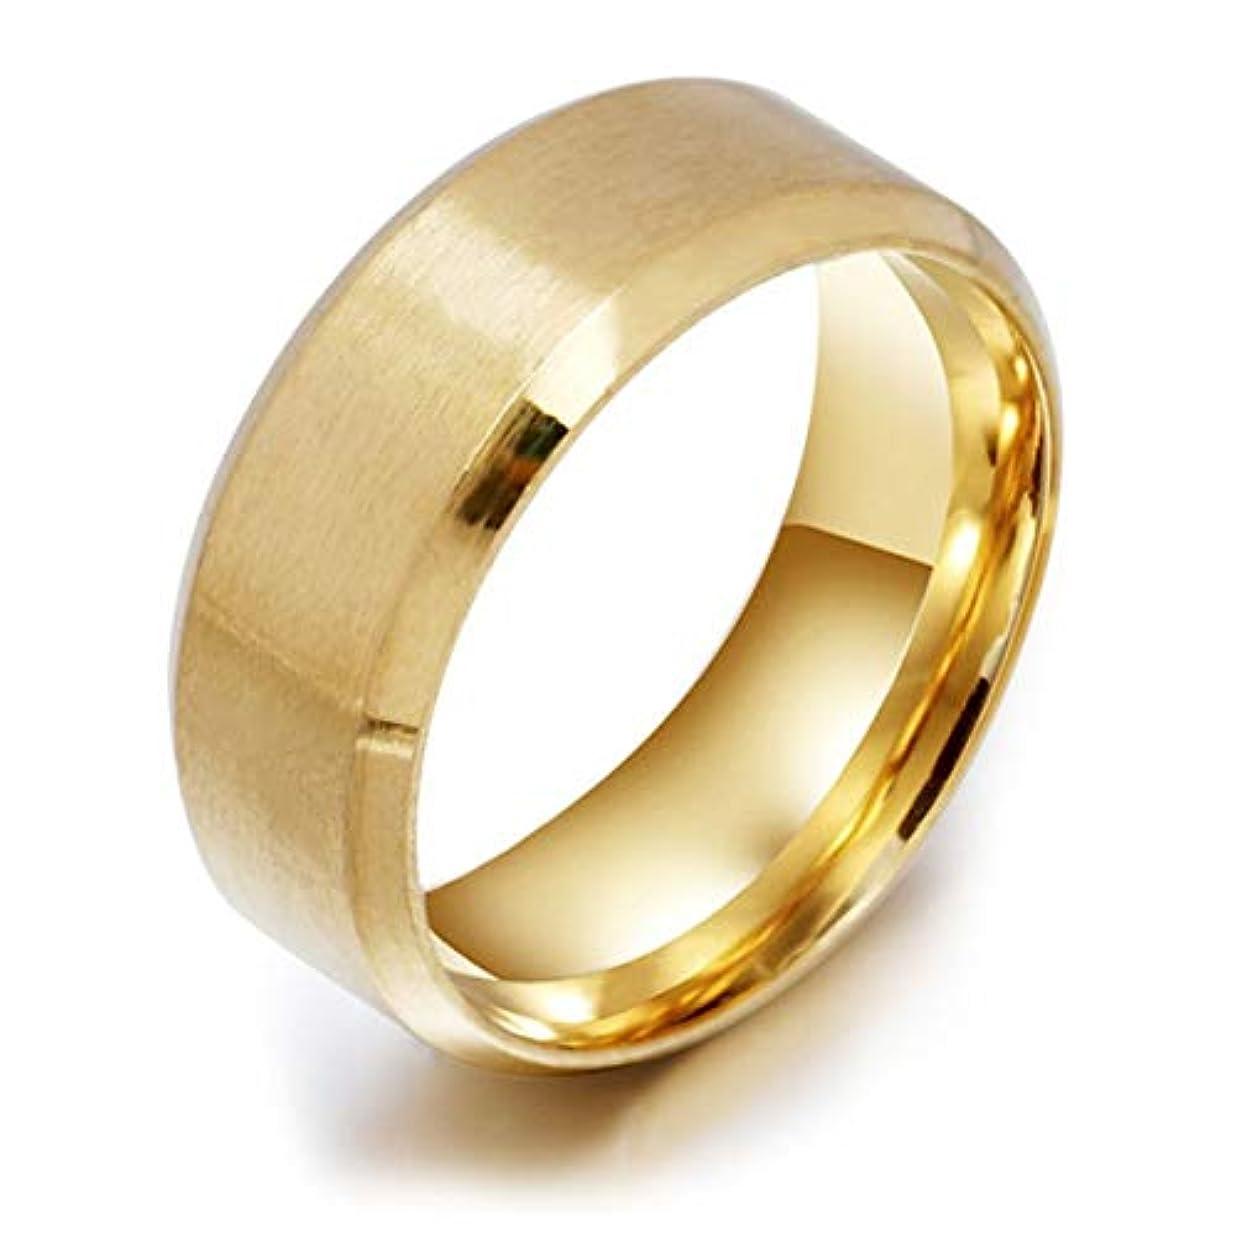 普及放棄する変数Intercoreyステンレス鋼医療指輪クリエイティブ磁気減量リングジュエリー